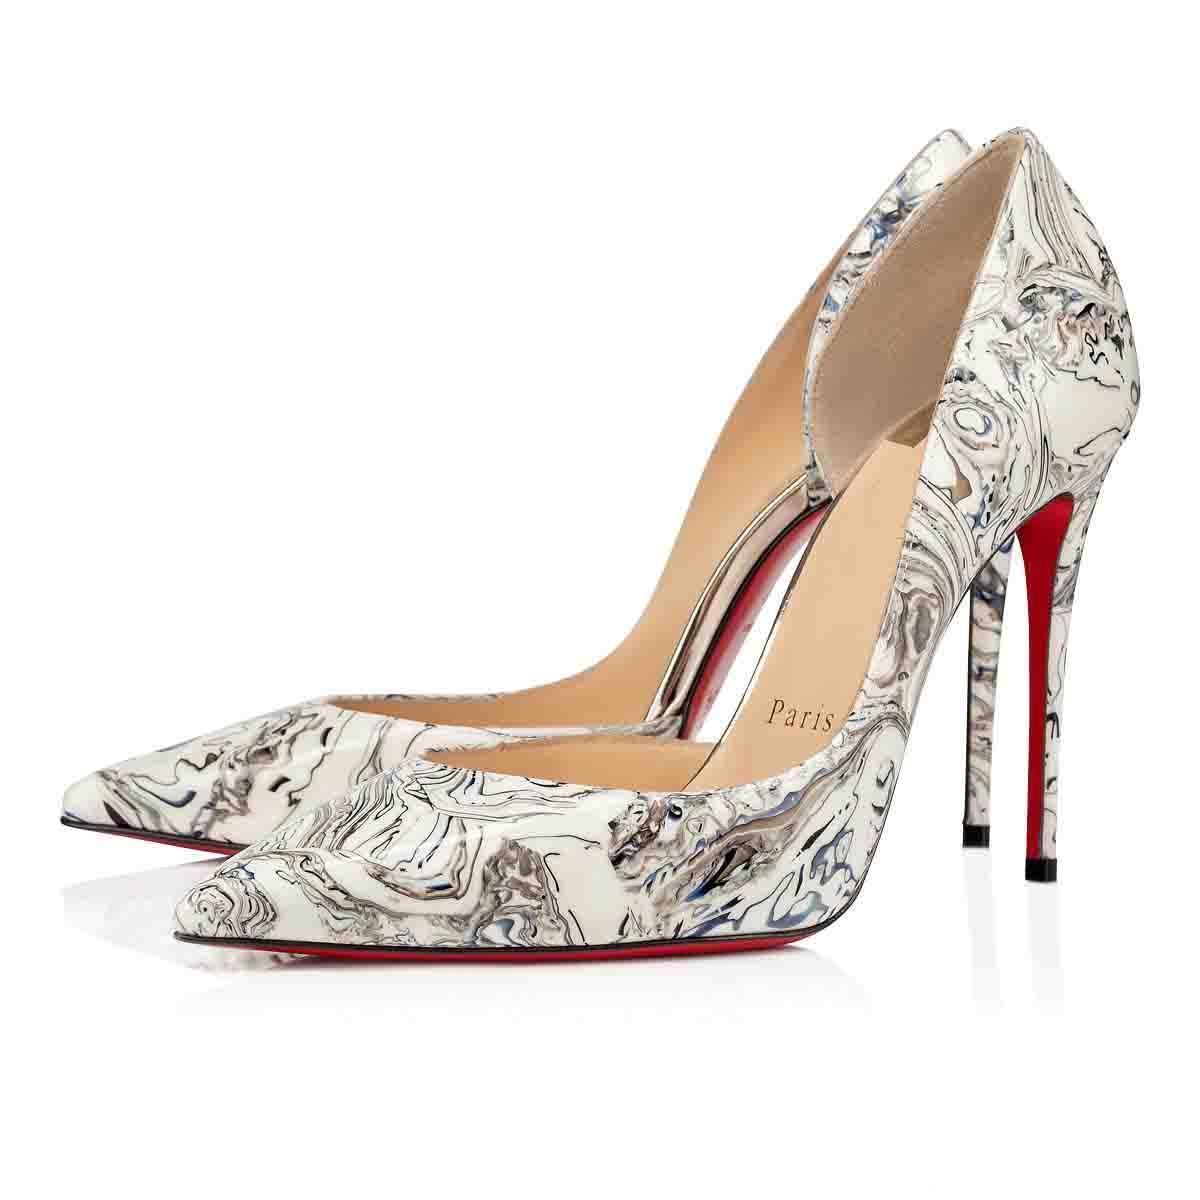 Черная обнаженная лакированная кожа блеск Женская обувь Красное дно Iriza Shoes, Италия роскошные мужчины красные подошвы высокие каблуки боковые свободные вечерние платья квартиры/каблуки